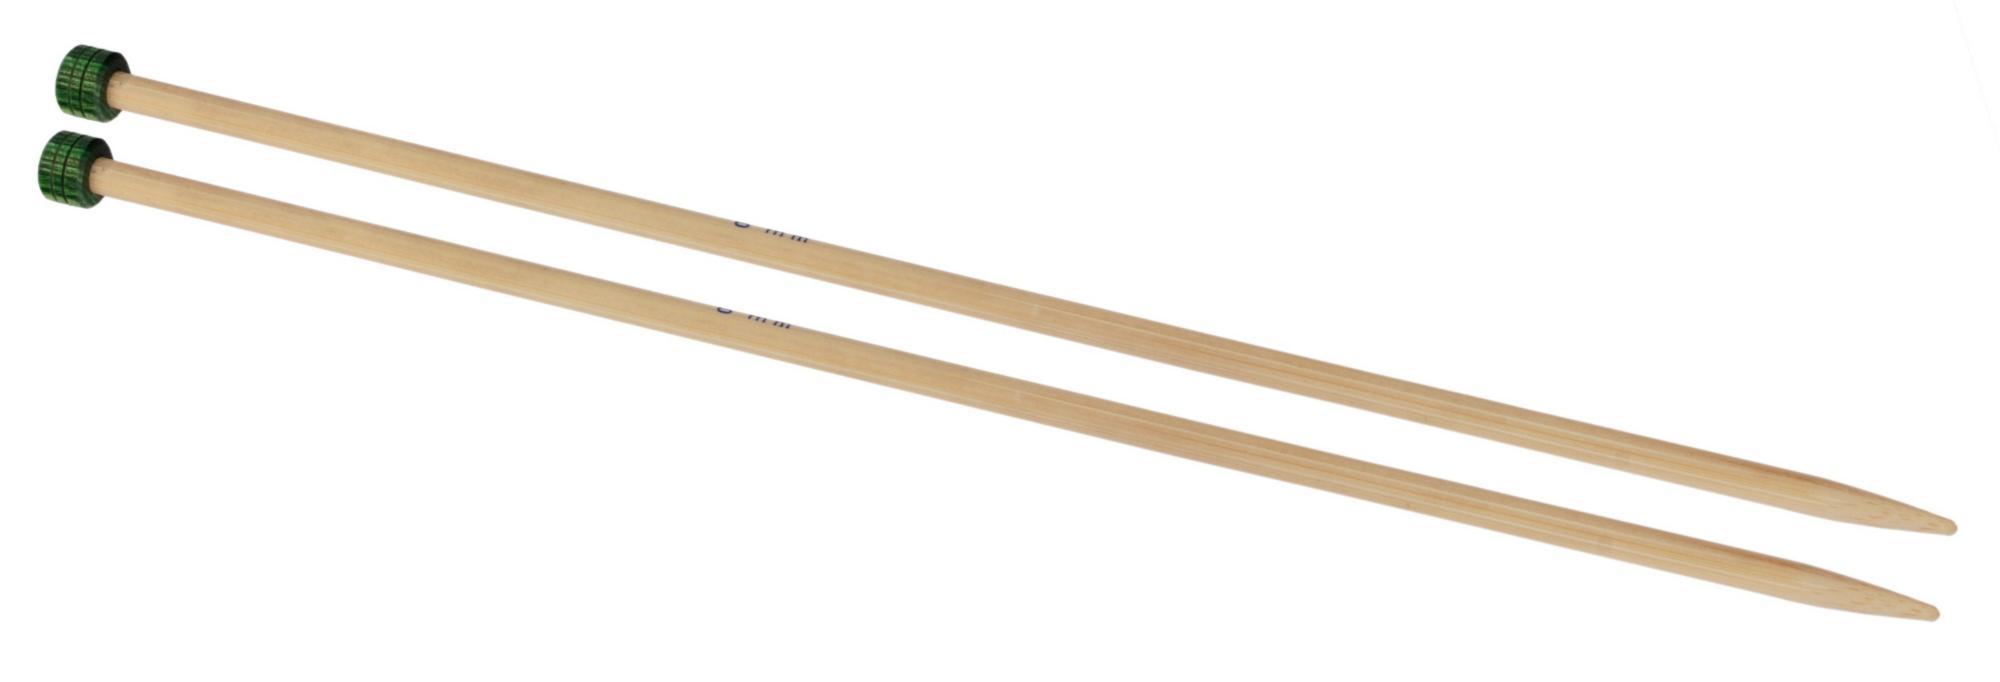 Спицы прямые 25 см Bamboo KnitPro, 22318, 3.75 мм